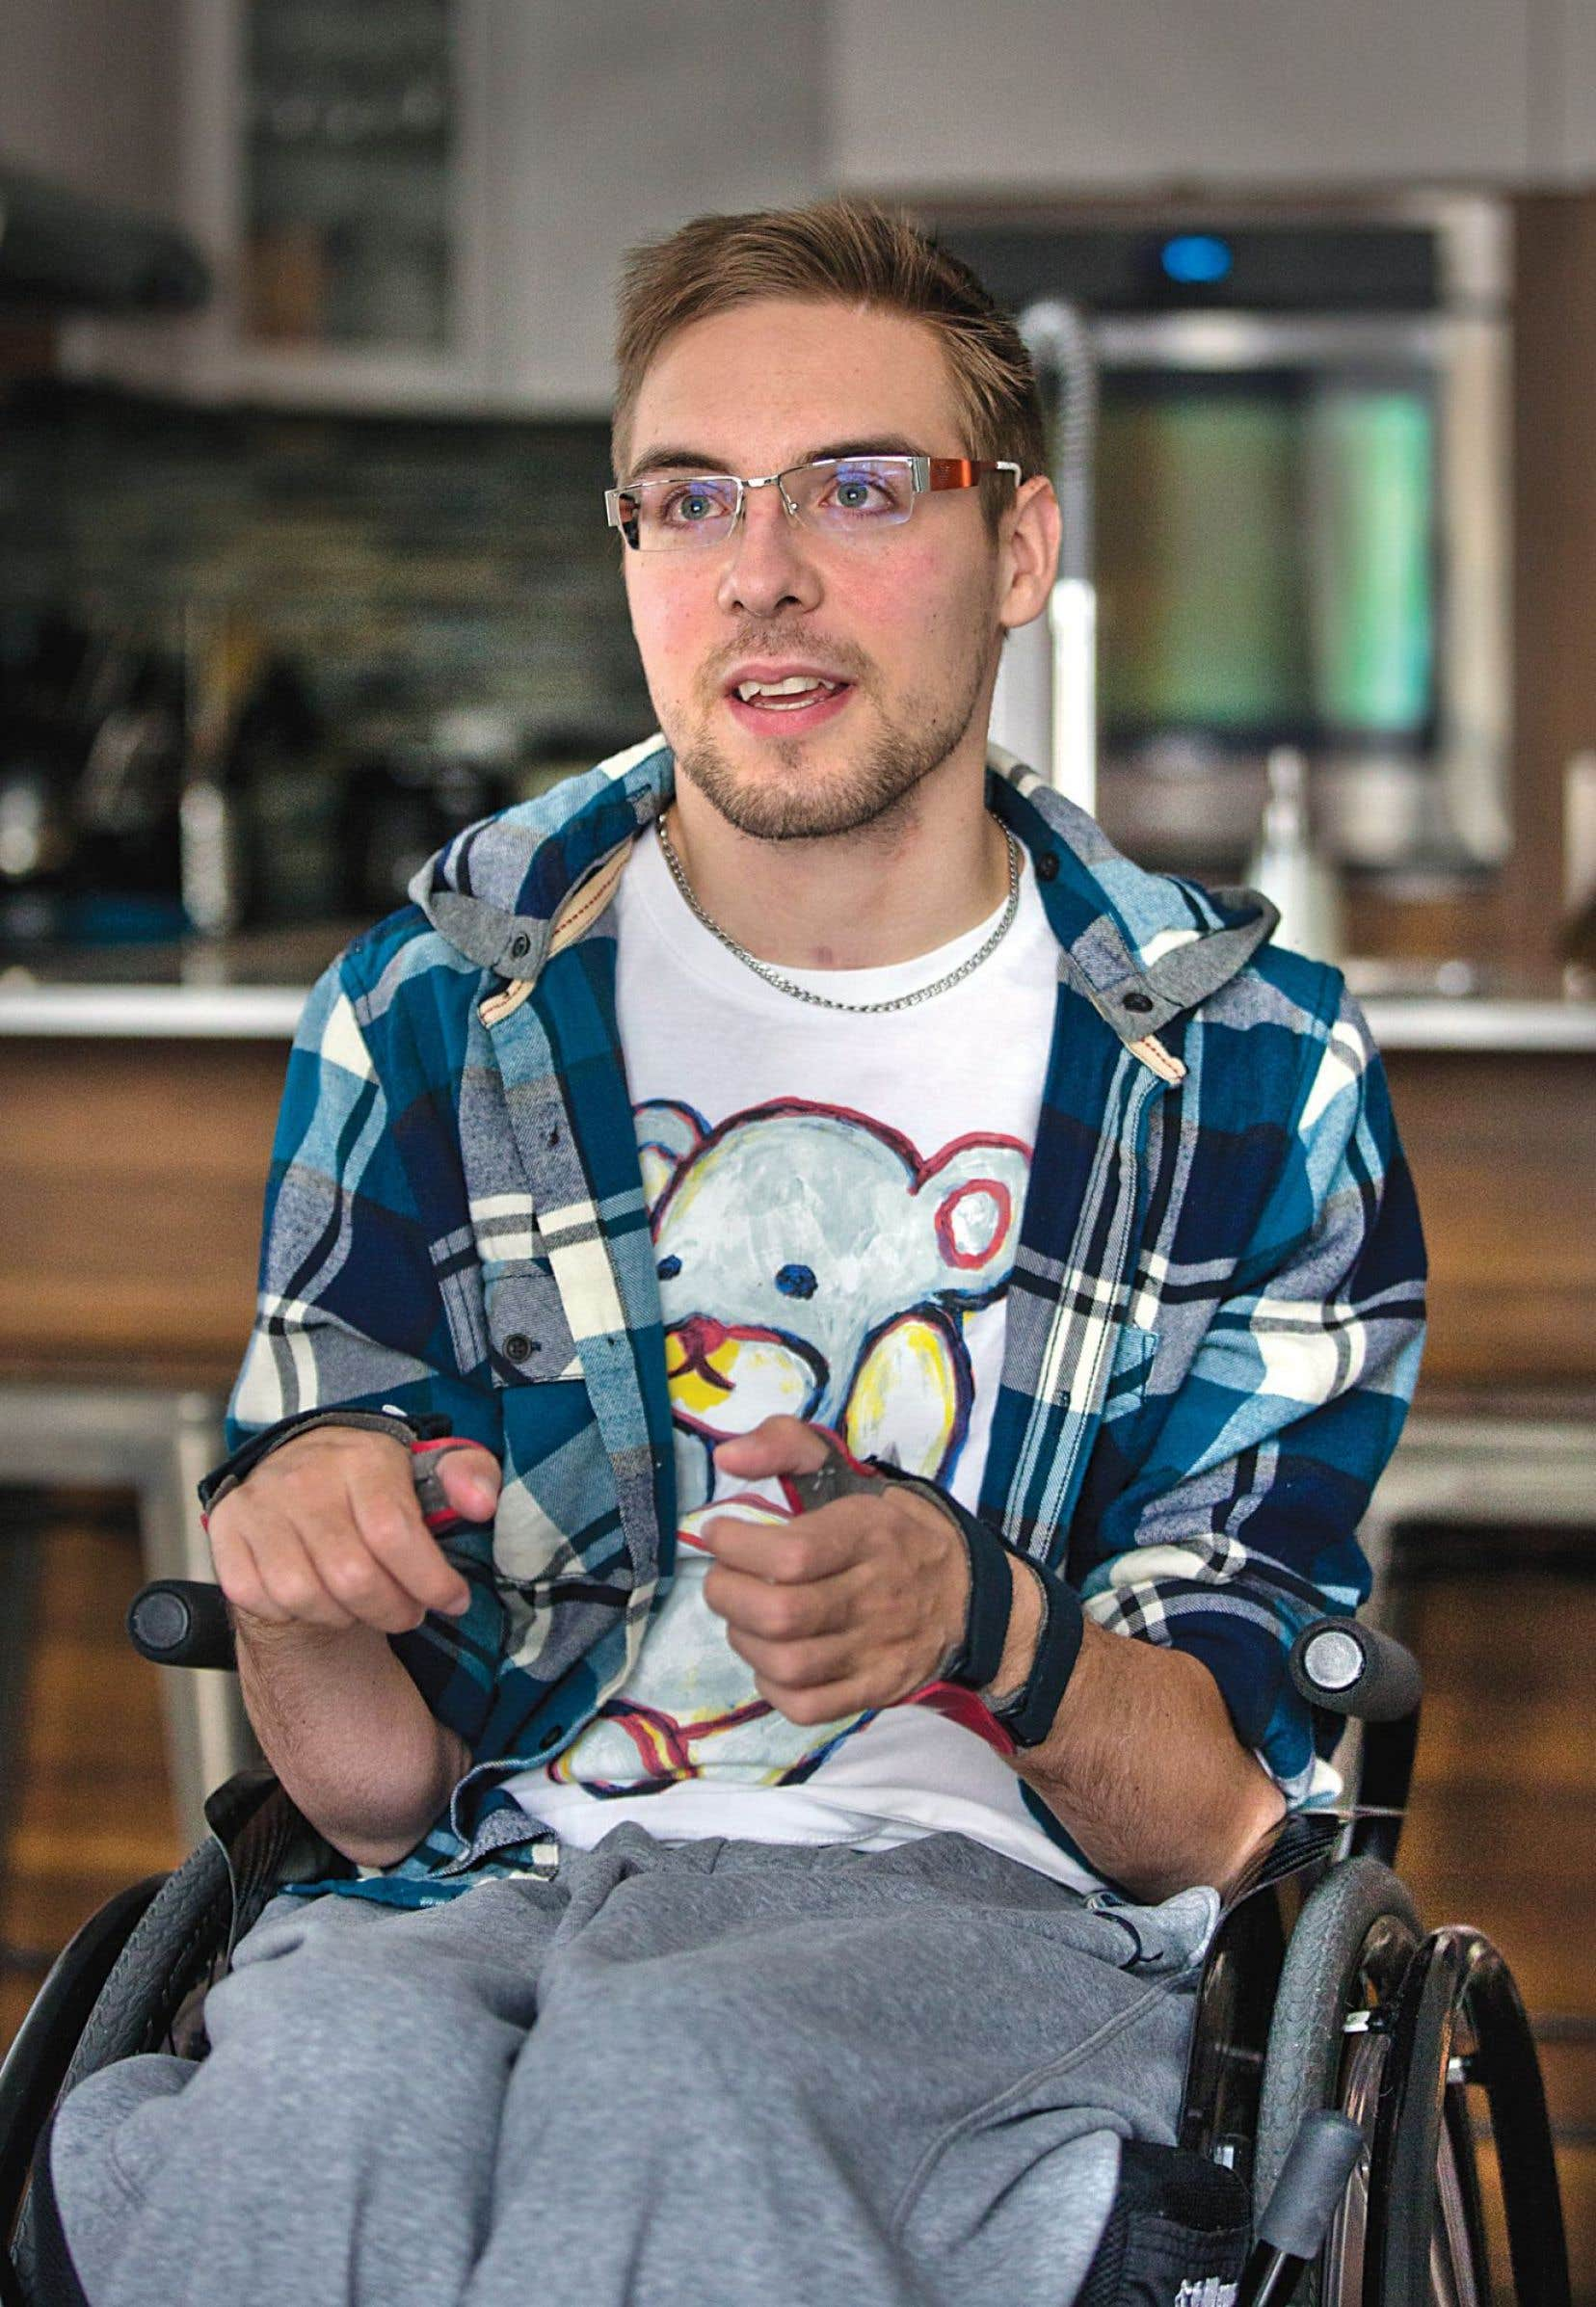 En février 2013, à l'âge de 23ans, l'artiste de cirque Maxime Girard a subi une grave fracture du cou.